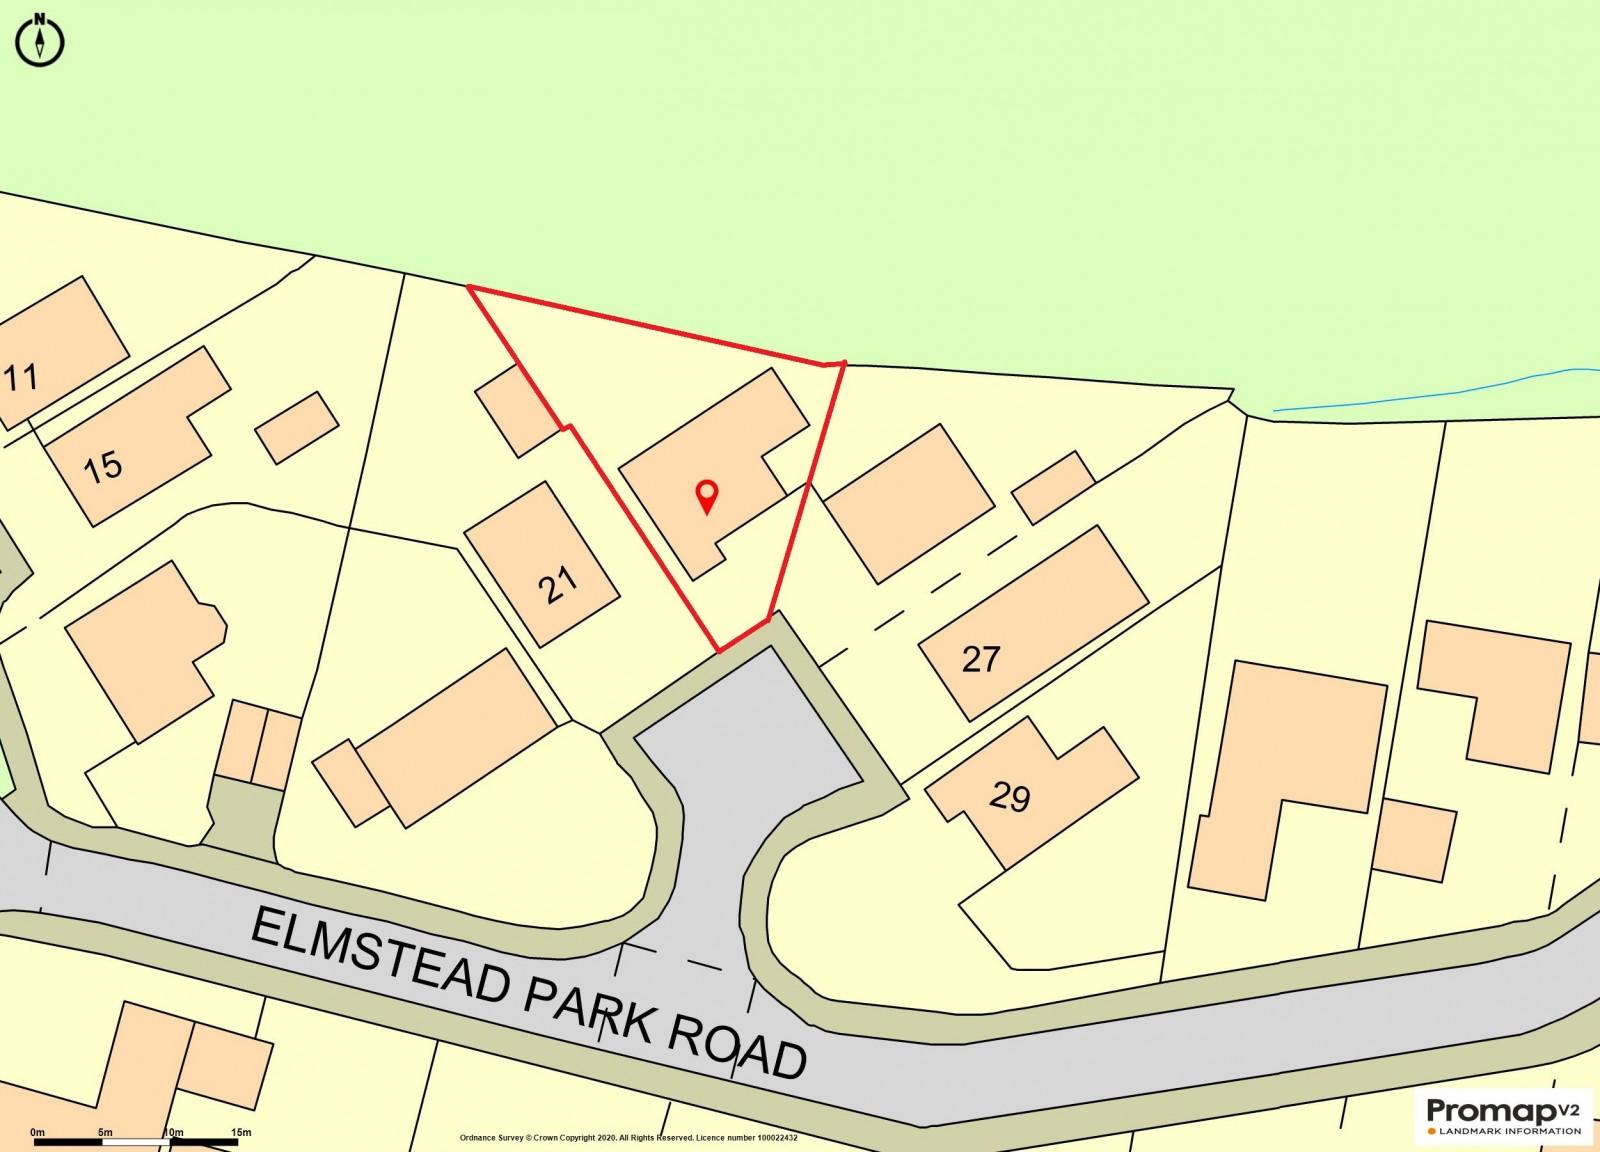 23 Elmstead Park Road